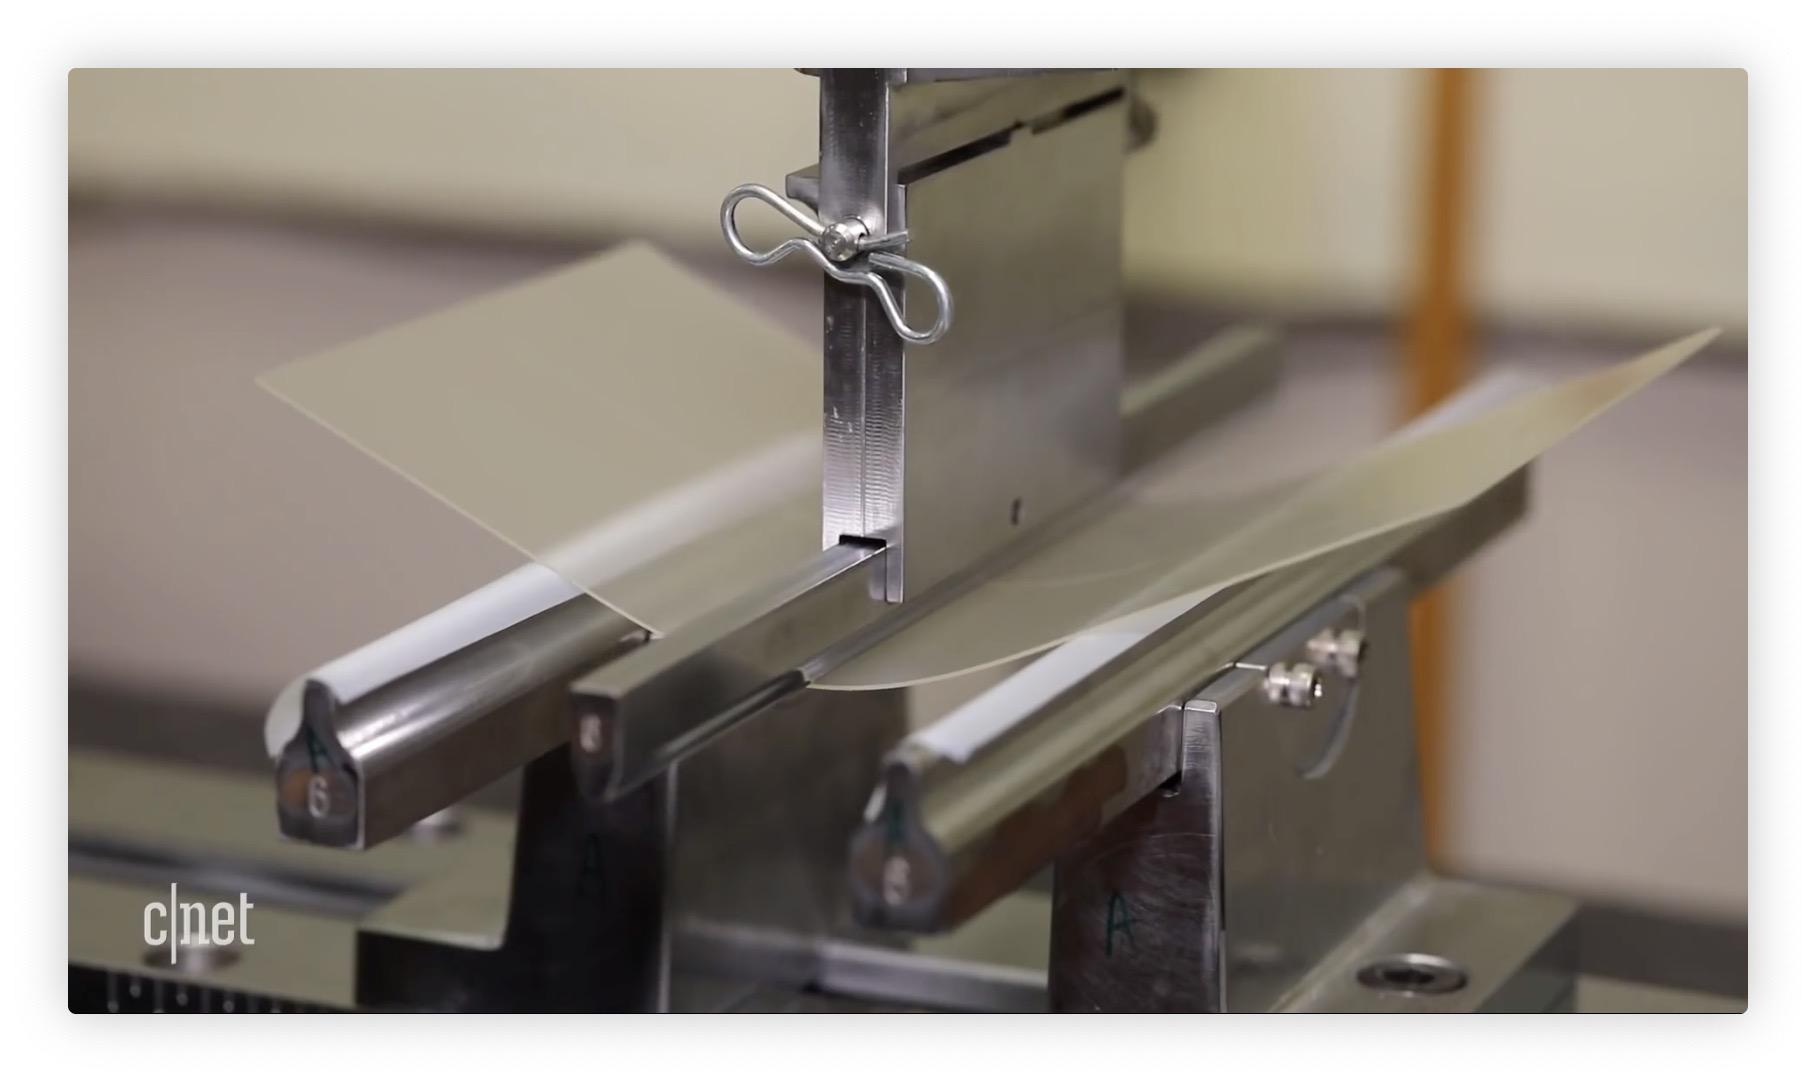 Corning prépare ses vitres flexibles pour les smartphone pliables (vidéo) 1